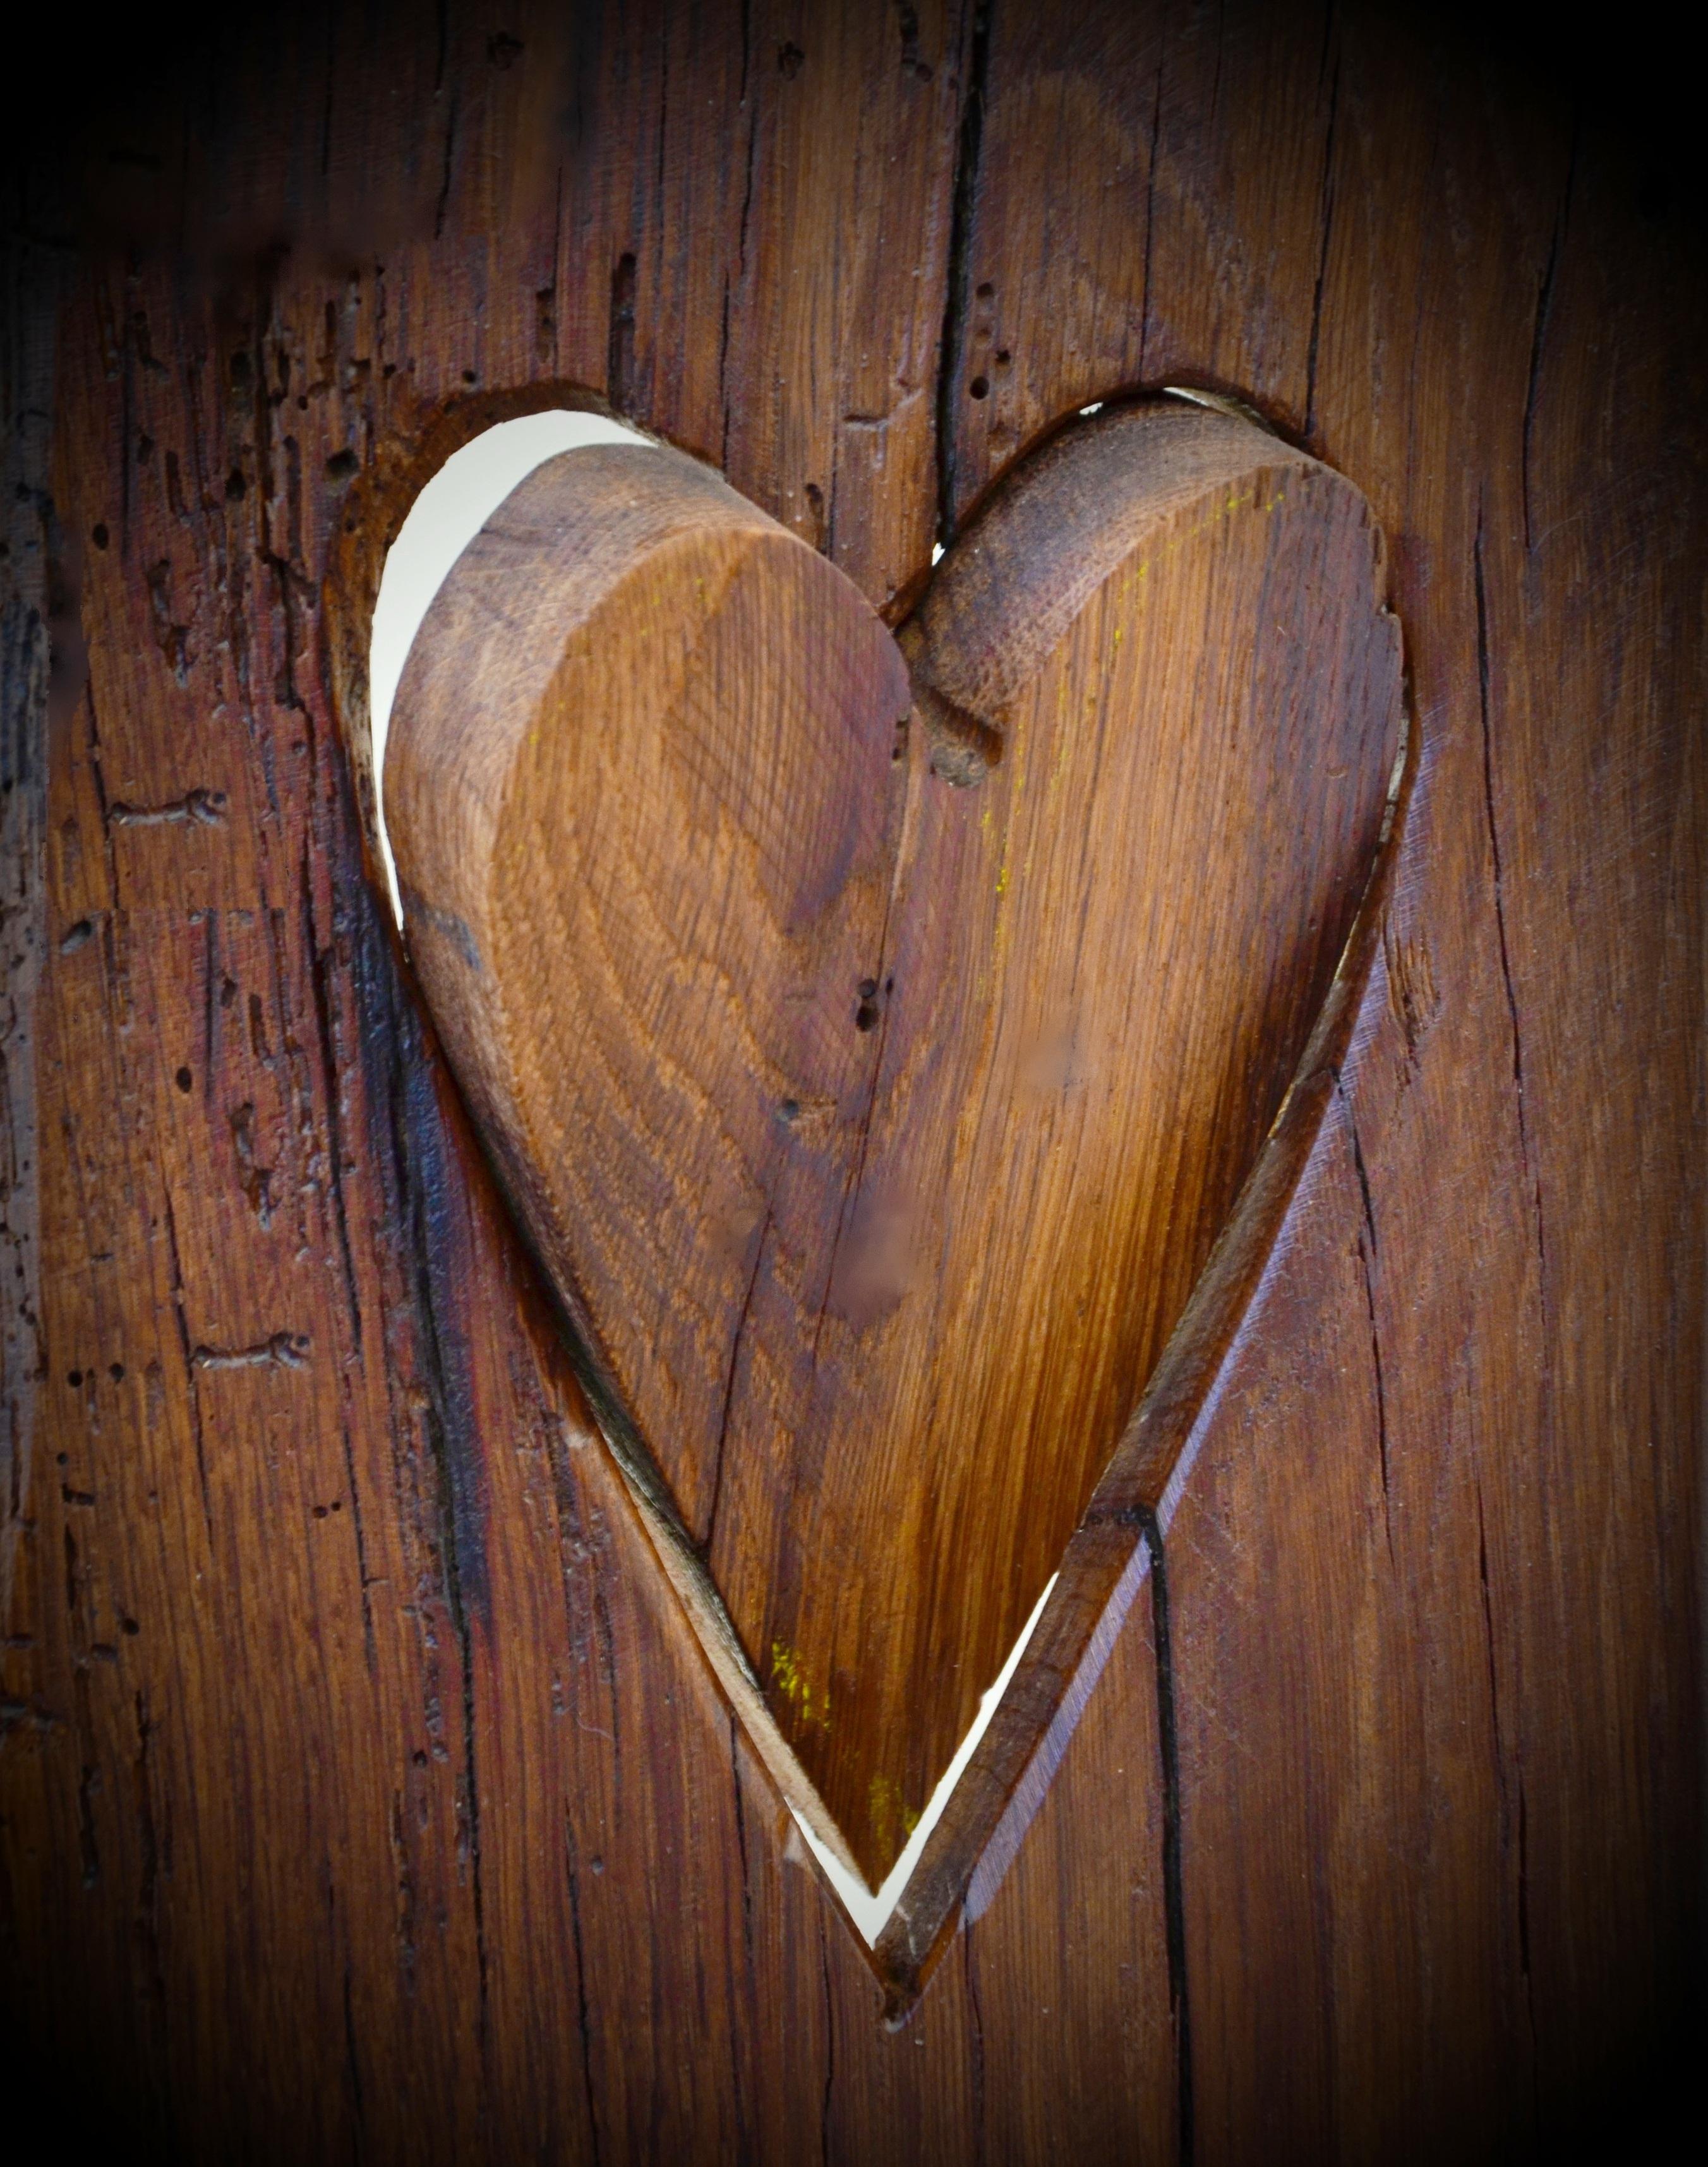 wood-1213807